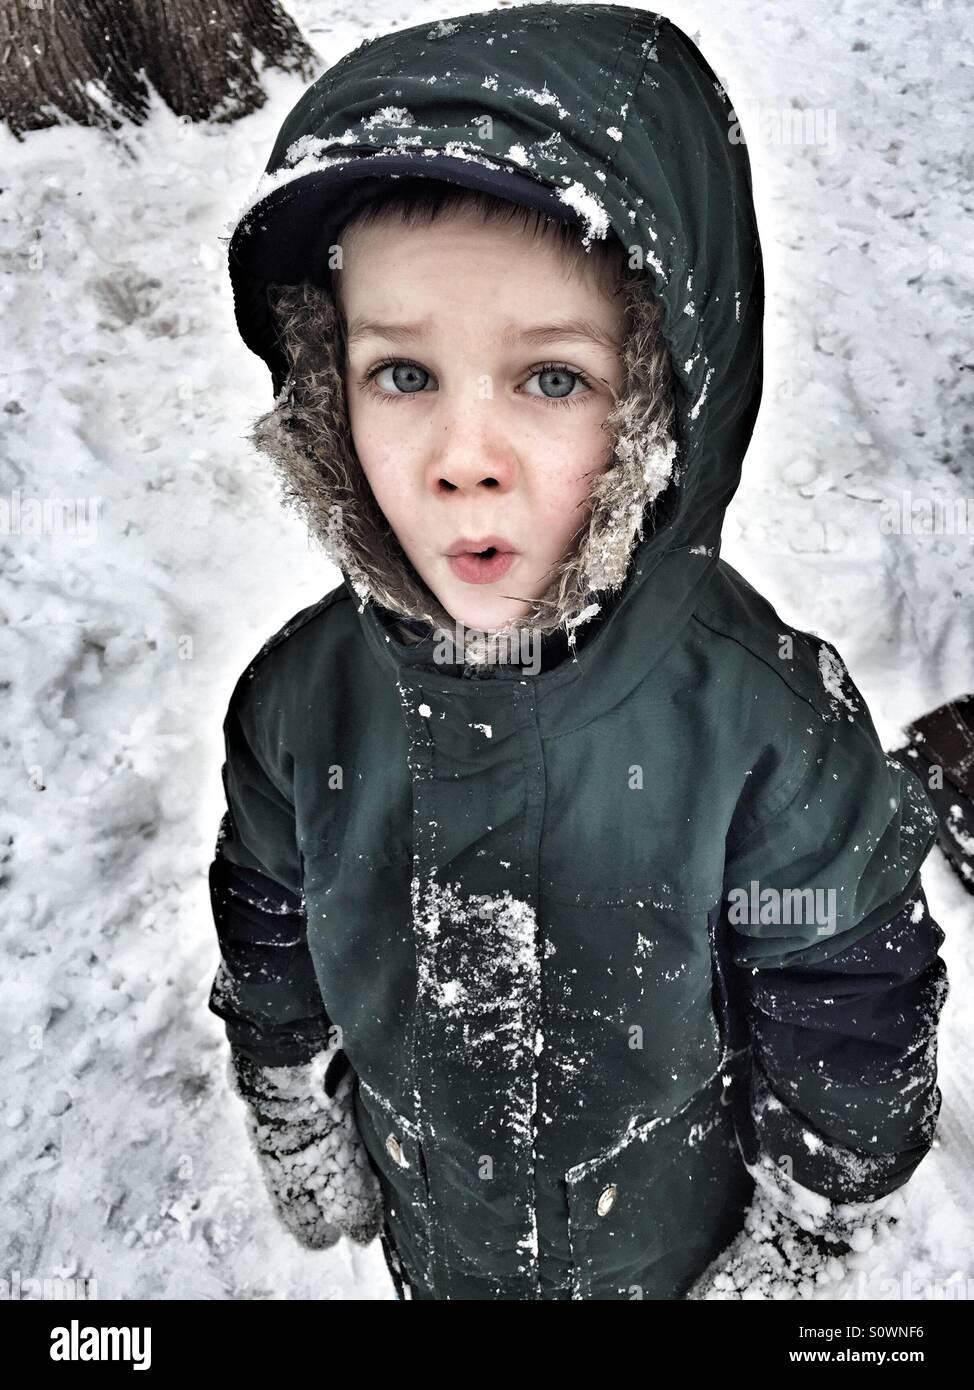 Un muchacho joven con una parka fuera en la nieve en invierno Imagen De Stock